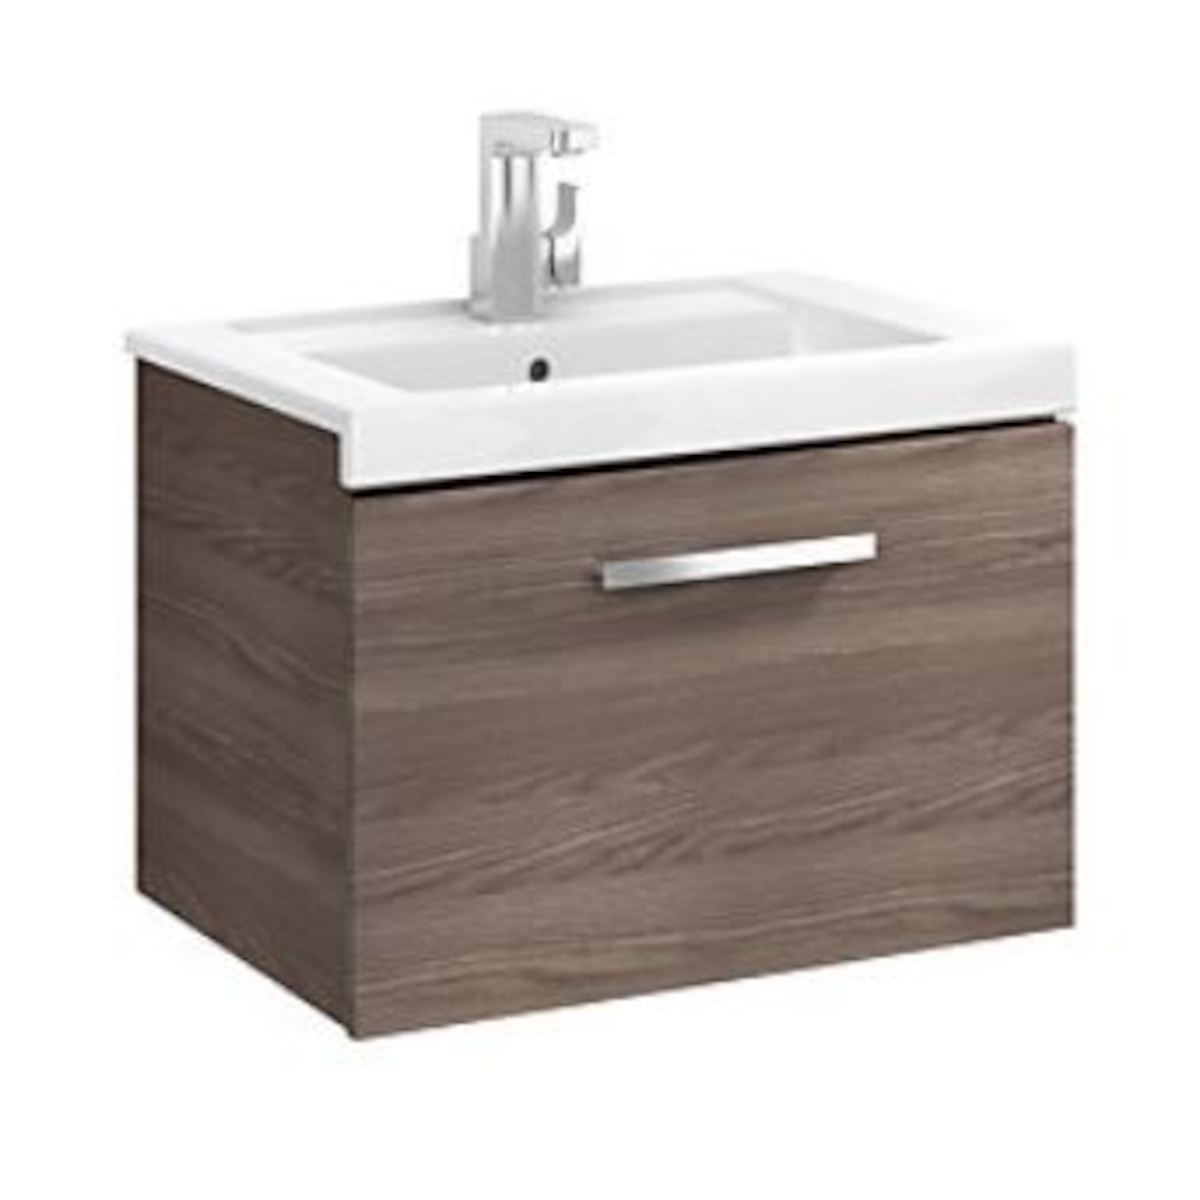 Kúpeľňová skrinka pod umývadlo Roca Prisma 90x46x42,4 cm v dekore jaseň A856875321